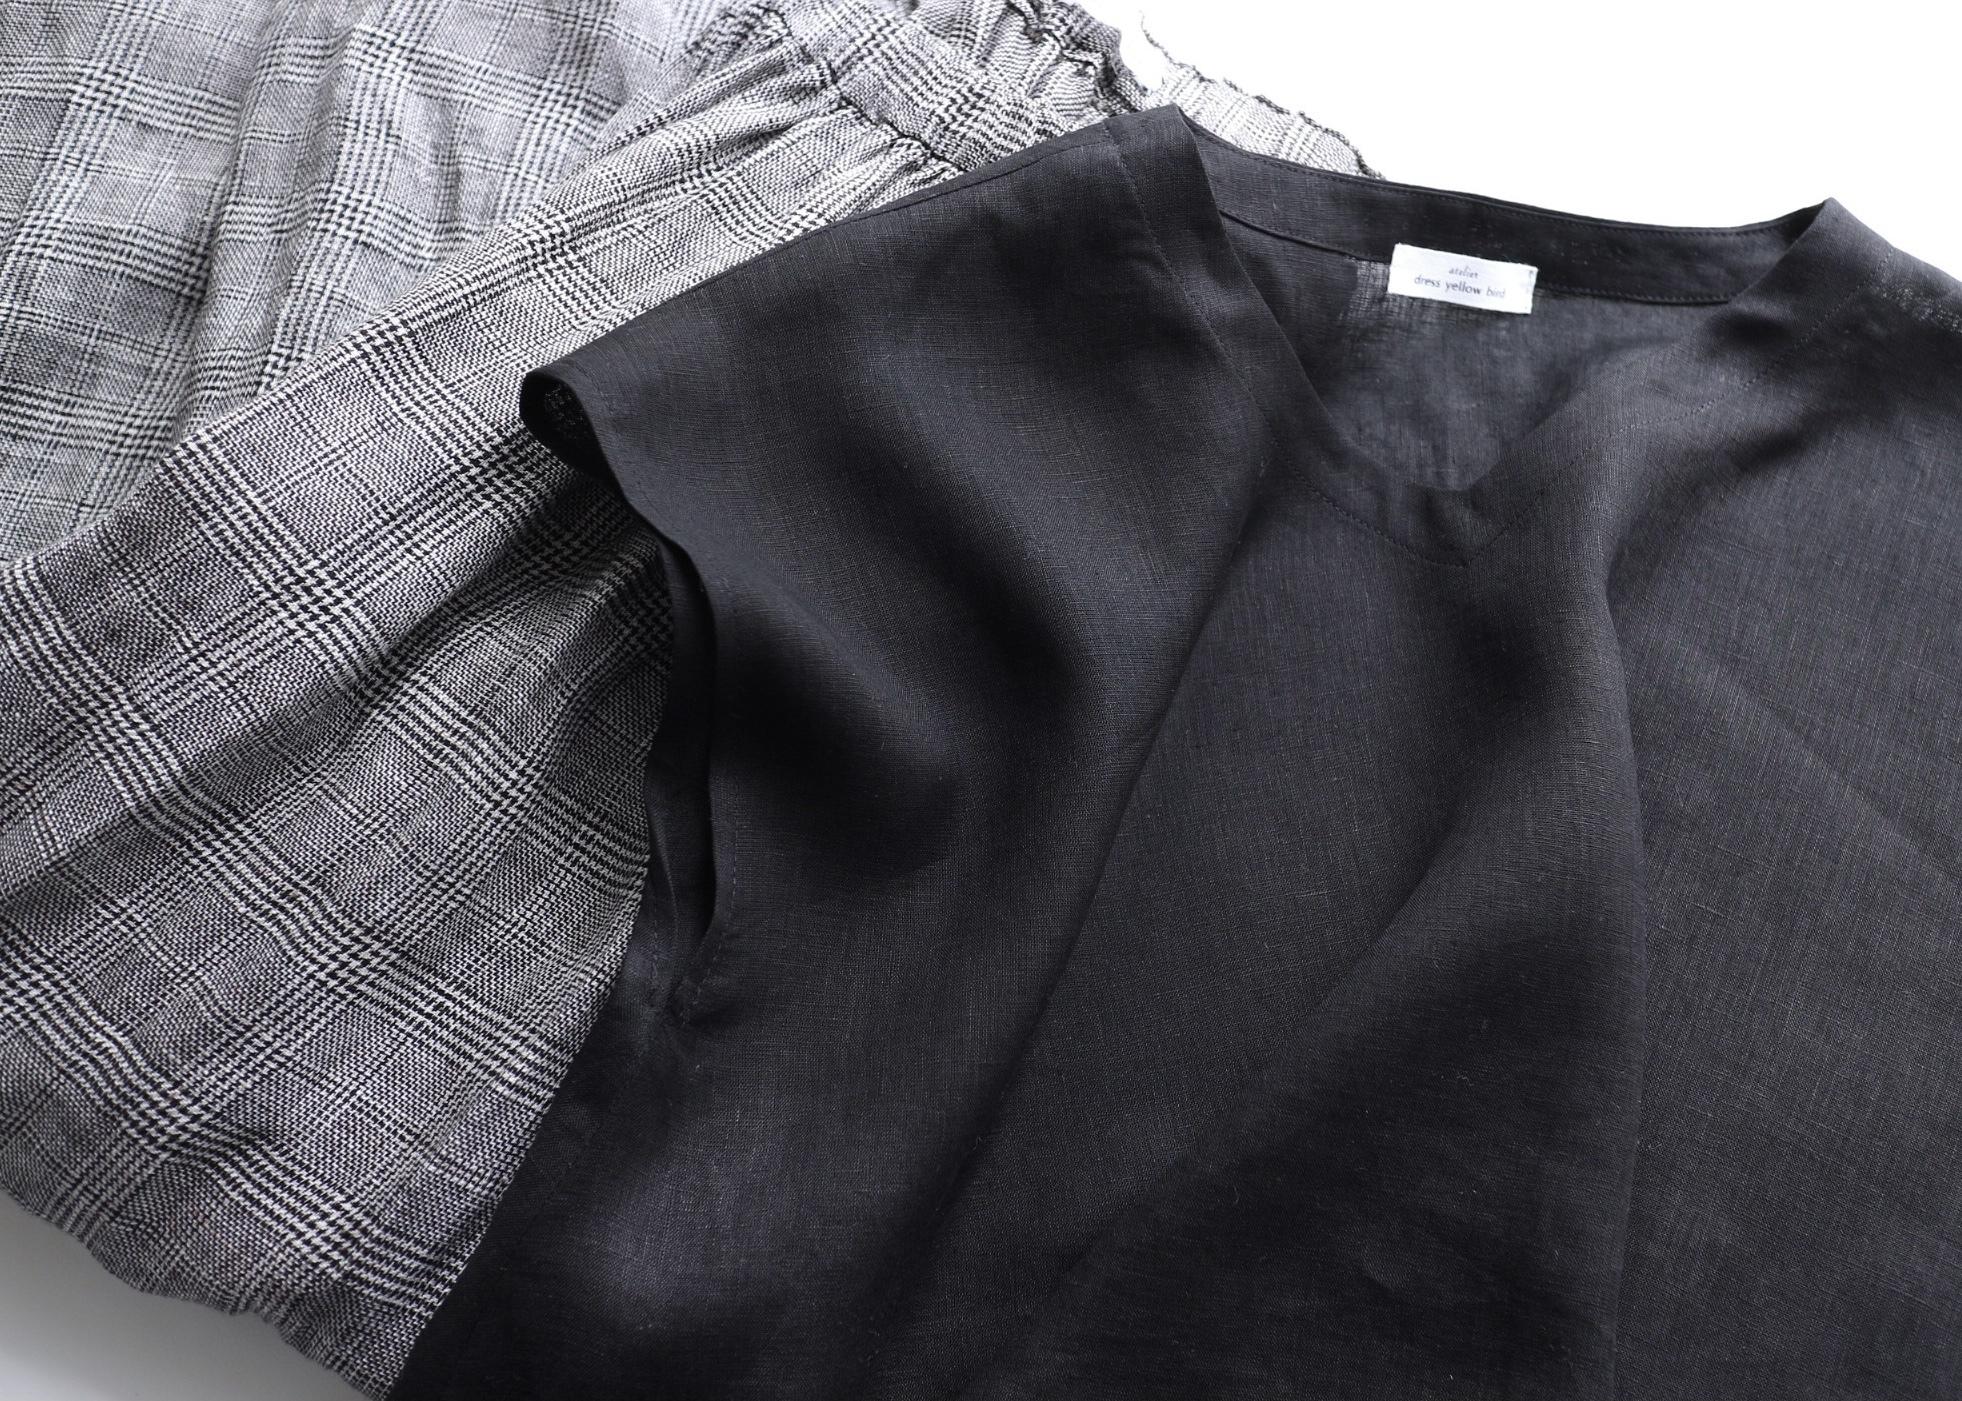 サラリと涼しい!リネン100% フレンチスリーブフレアーブラウス(黒)